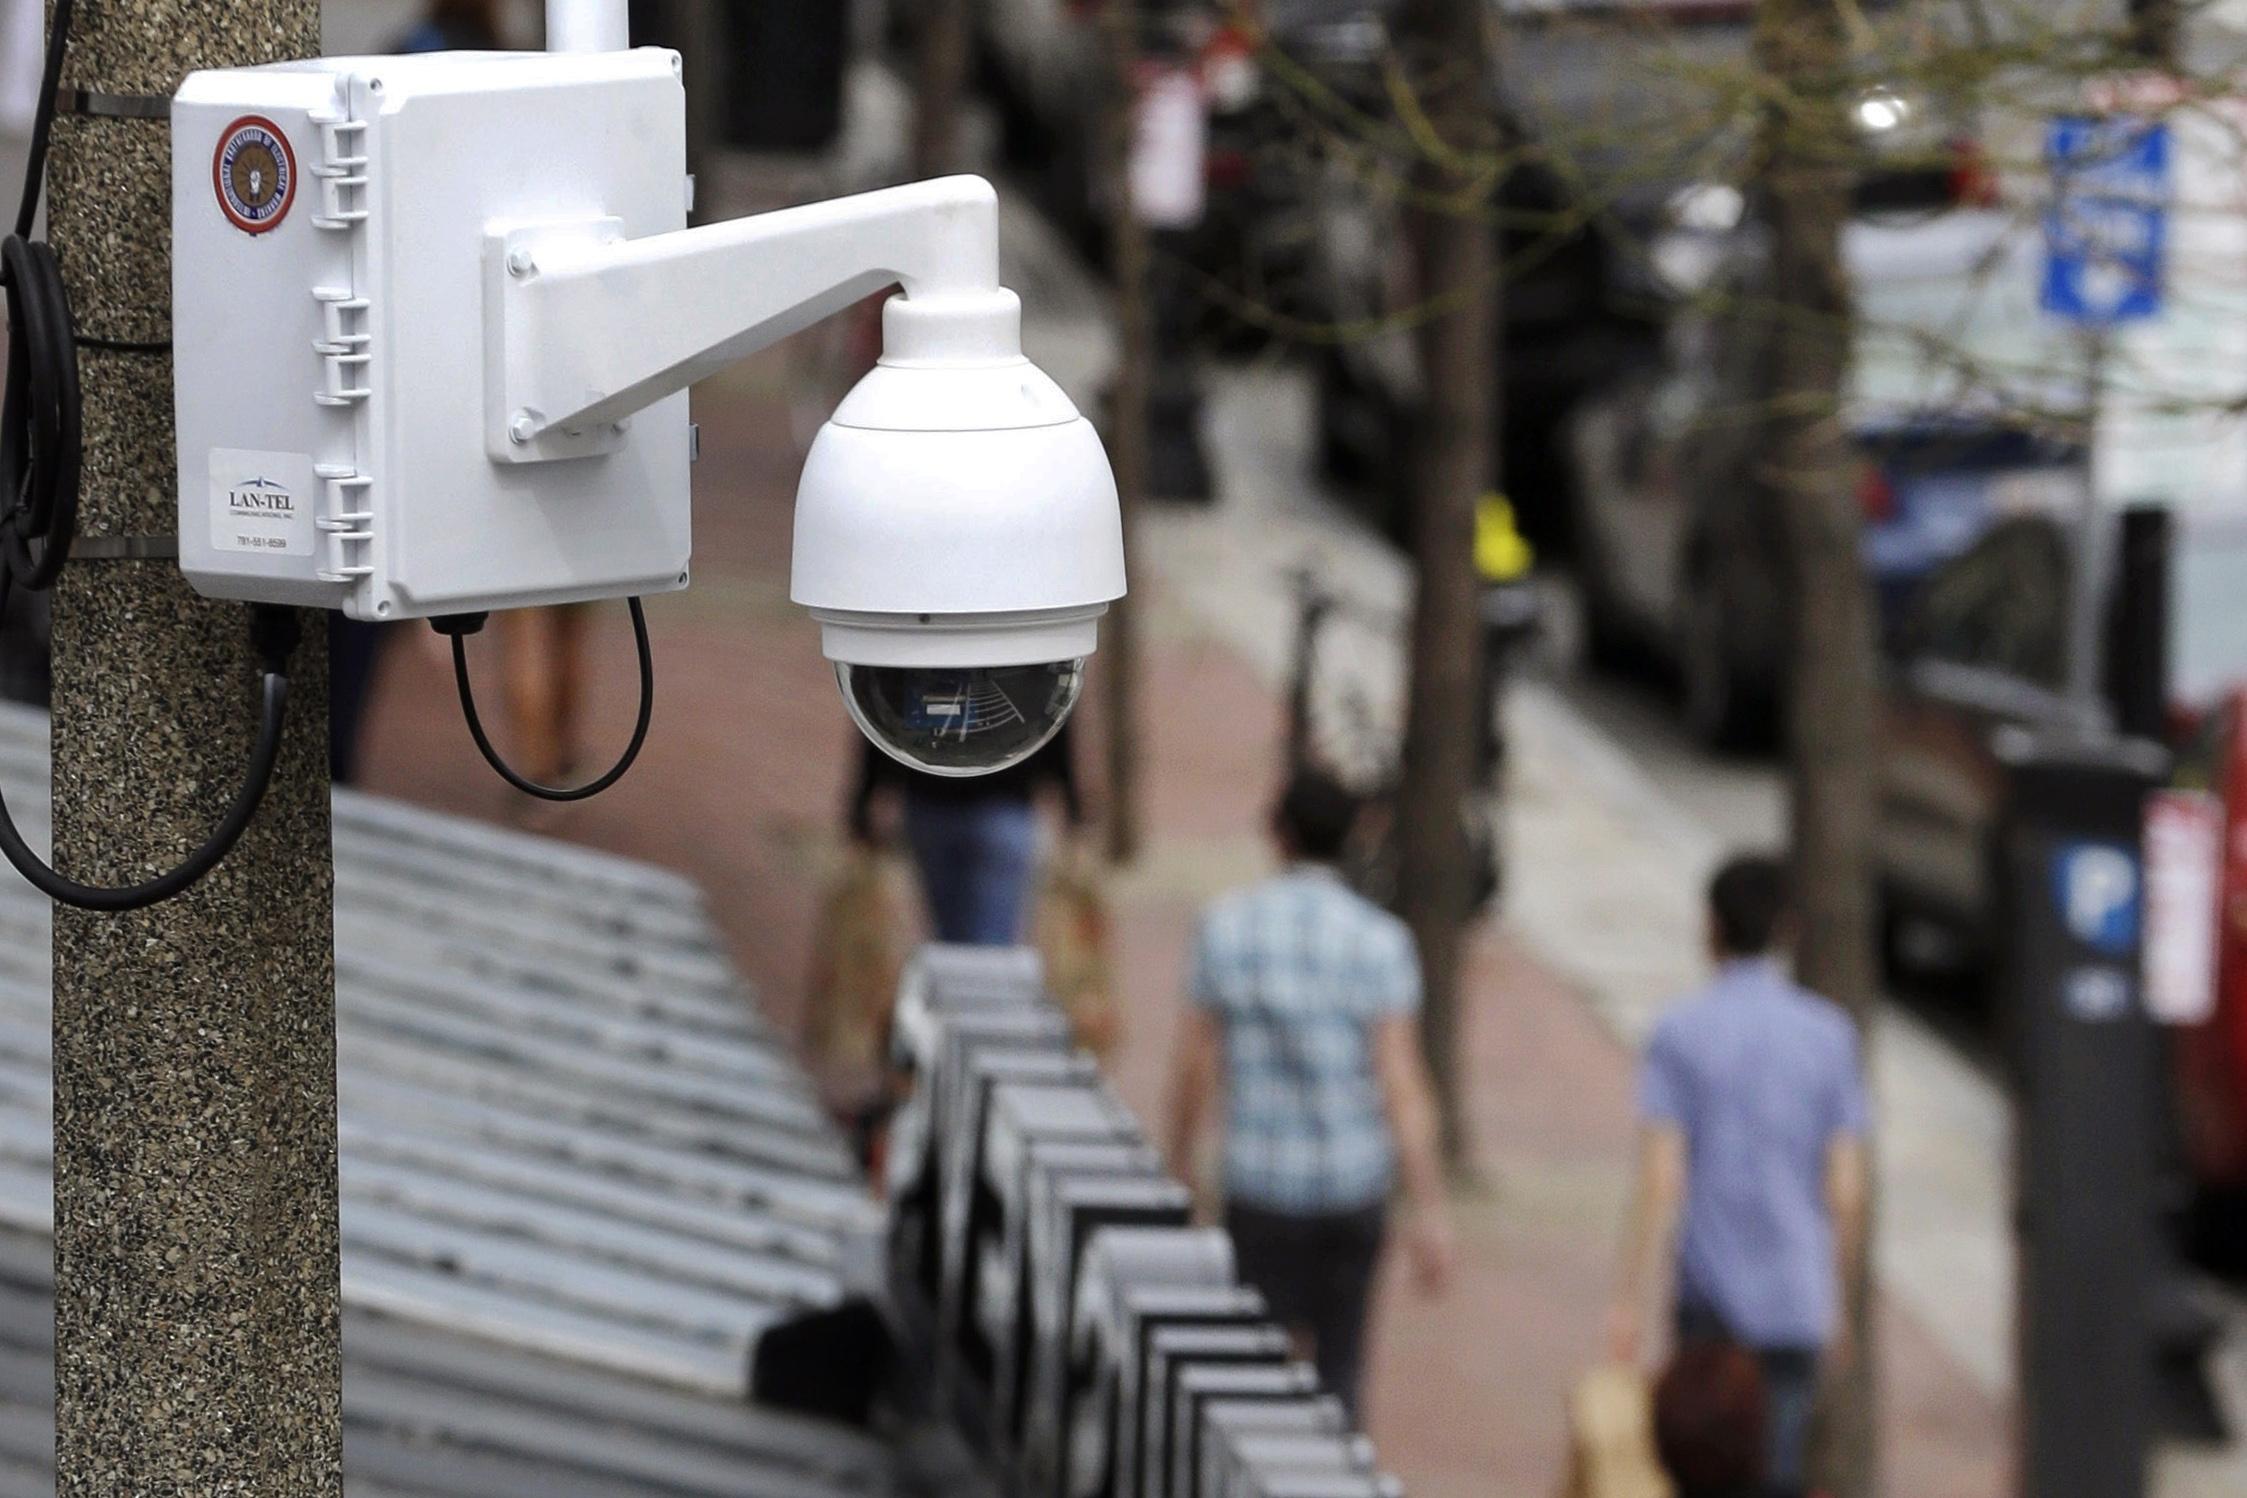 米政府機関で「顔認識」利用拡大、規制化の声に逆行